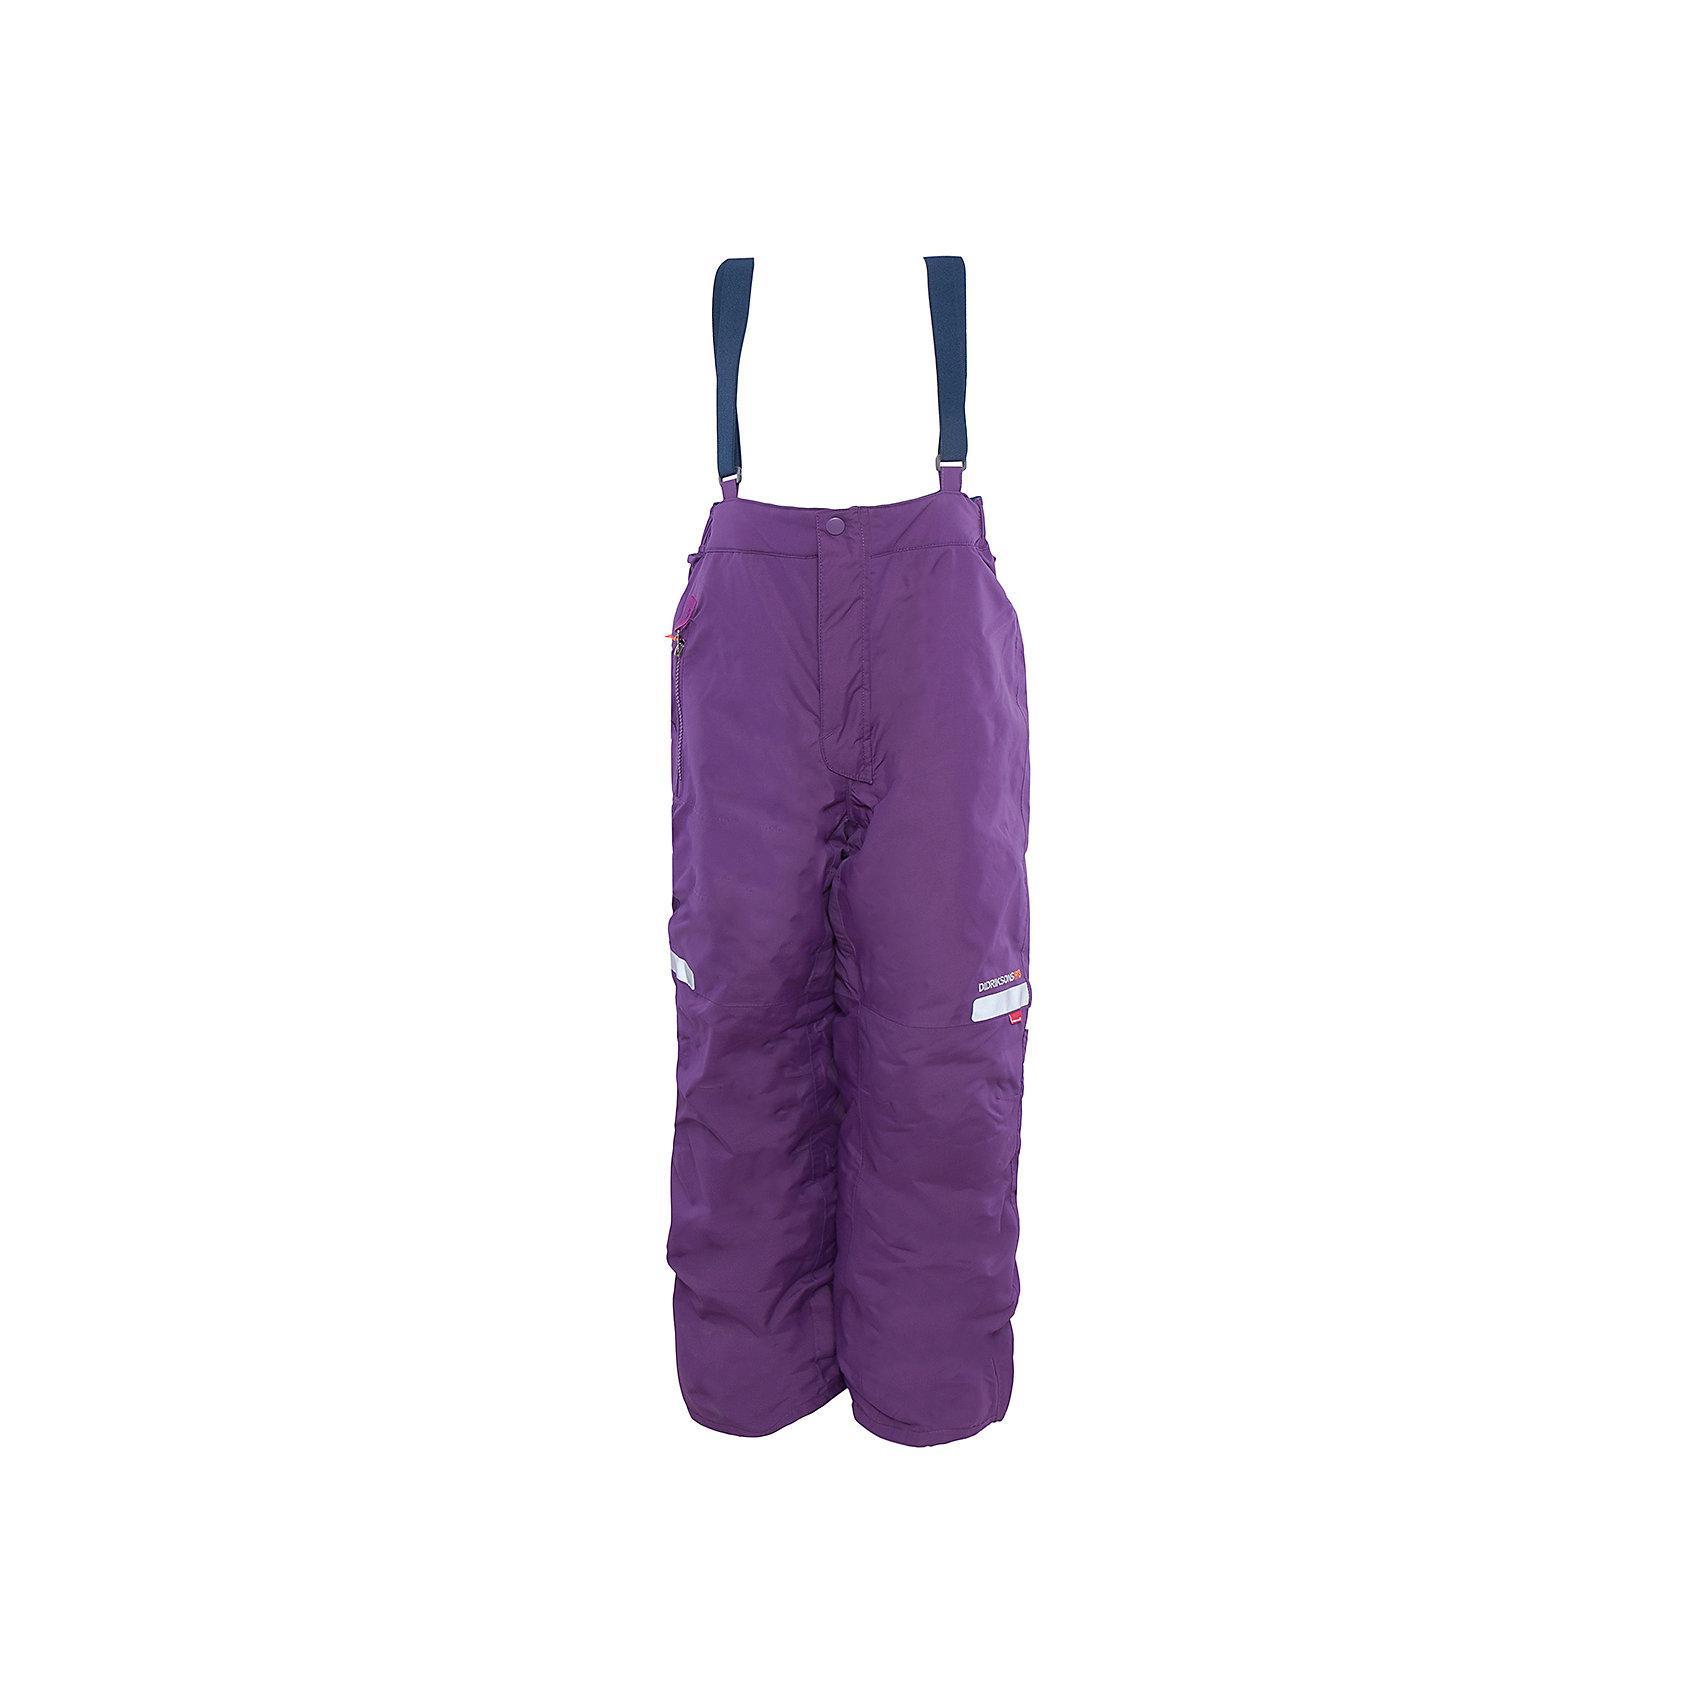 Брюки Amitola для девочки DIDRIKSONSВерхняя одежда<br>Характеристики товара:<br><br>• цвет: фиолетовый<br>• материал: 100% полиамид, подкладка 100% полиэстер<br>• утеплитель: 120 г/м<br>• сезон: зима<br>• температурный режим от +5 до -20<br>• непромокаемая и непродуваемая мембранная ткань<br>• резинки для ботинок<br>• дополнительная пропитка верха<br>• прокленные швы<br>• талия и низ штанин регулируется<br>• внутренние гетры<br>• ширинка на молнии<br>• фиксированные лямки<br>• светоотражающие детали<br>• можно увеличить длину штанин на один размер <br>• страна бренда: Швеция<br>• страна производства: Китай<br><br>Такие брюки незаменимы в холодную и сырую погоду! Это не только стильно, но еще и очень комфортно, а также тепло. Они обеспечат ребенку удобство при прогулках и активном отдыхе зимой. Брюки от шведского производителя легко трансформируются под рост ребенка и погодные условия.<br>Модель сшита из мембранной ткани, которая позволяет телу дышать, но при этом не промокает и не продувается. Очень стильная и удобная модель! Изделие качественно выполнено, сделано из безопасных для детей материалов. <br><br>Брюки для девочки от бренда DIDRIKSONS можно купить в нашем интернет-магазине.<br><br>Ширина мм: 215<br>Глубина мм: 88<br>Высота мм: 191<br>Вес г: 336<br>Цвет: фиолетовый<br>Возраст от месяцев: 12<br>Возраст до месяцев: 15<br>Пол: Женский<br>Возраст: Детский<br>Размер: 80,140,120,110,100,90<br>SKU: 5003855